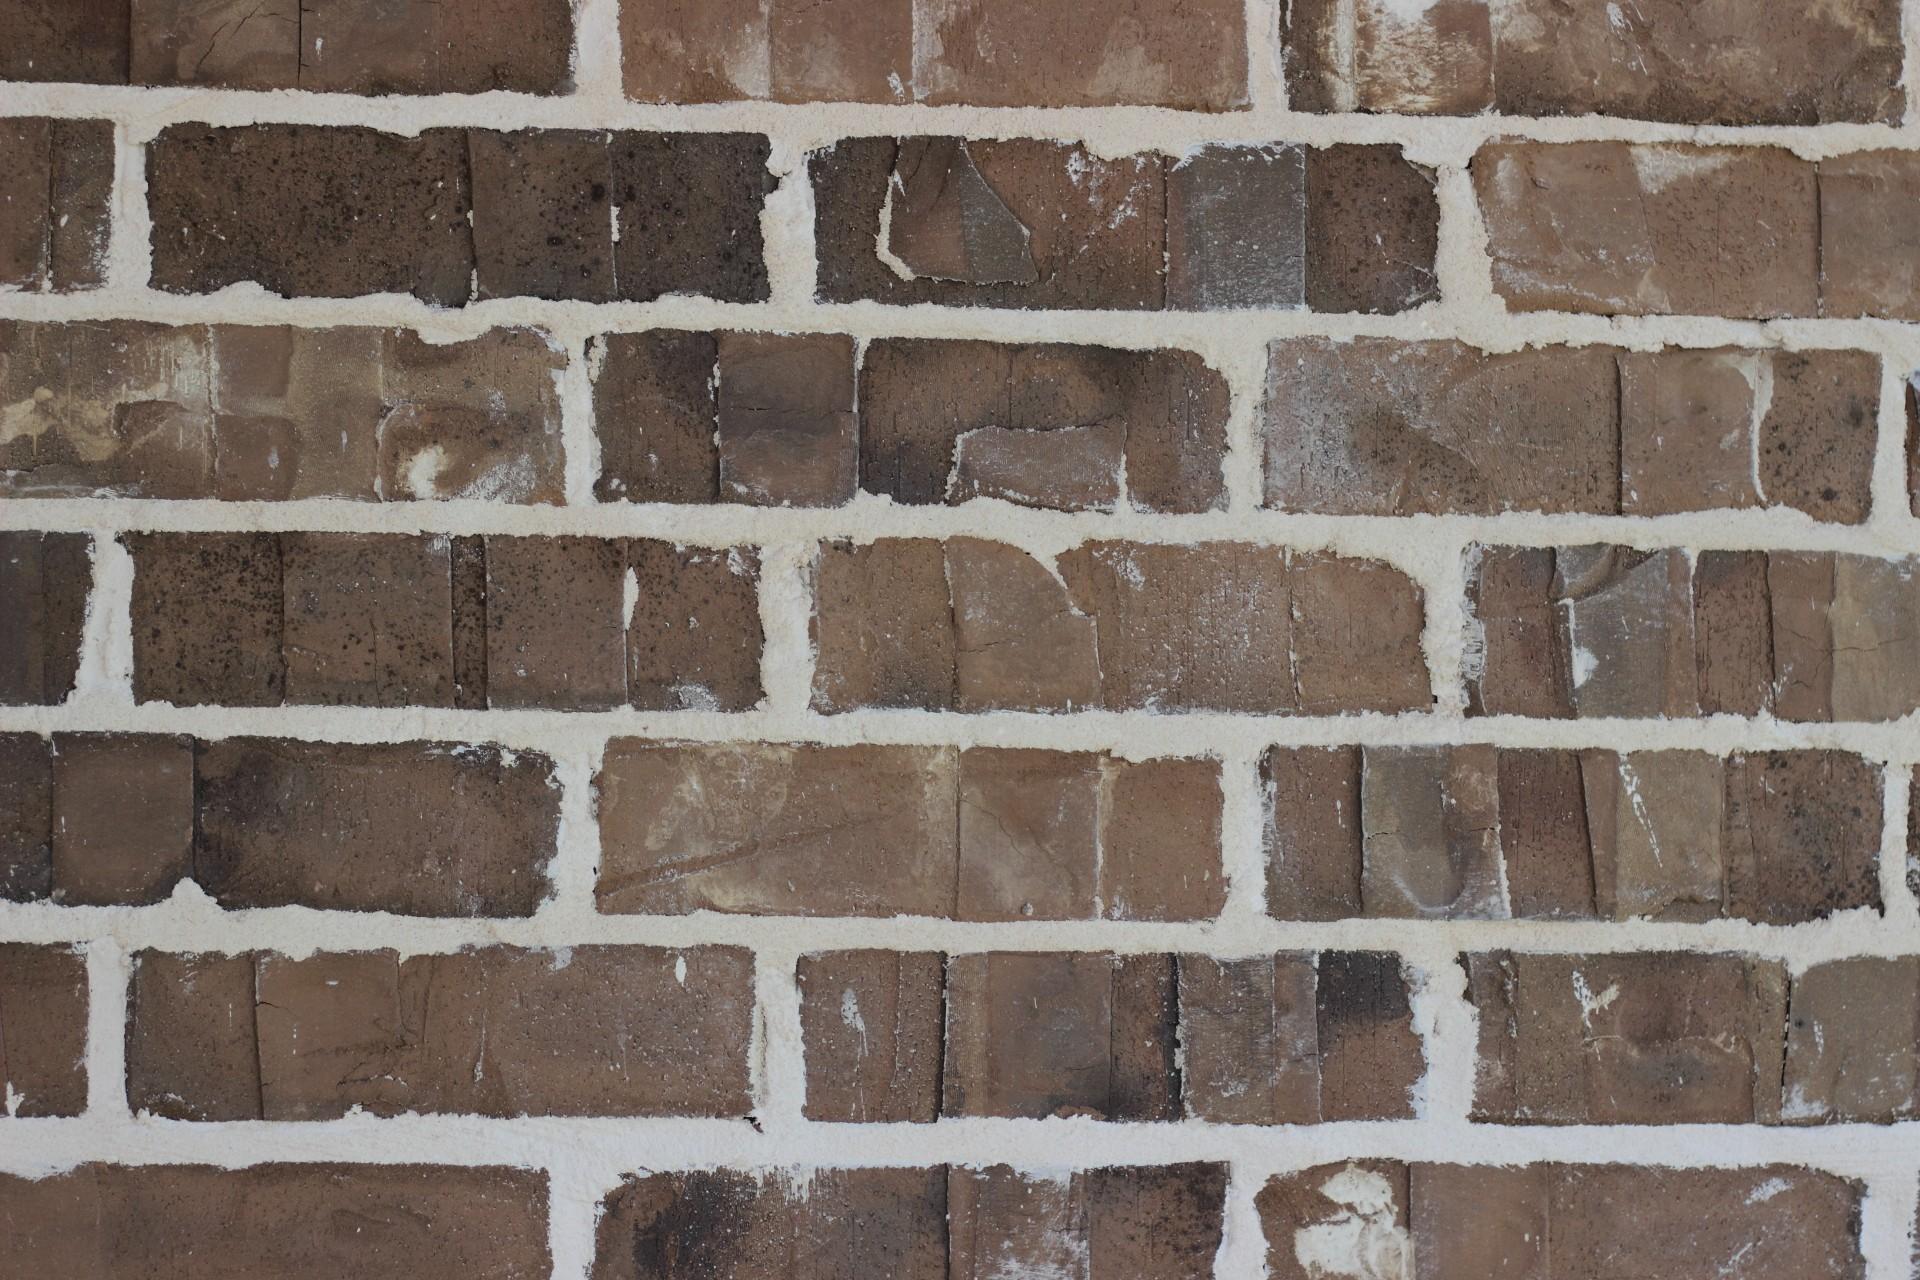 Mesa Tan Brick